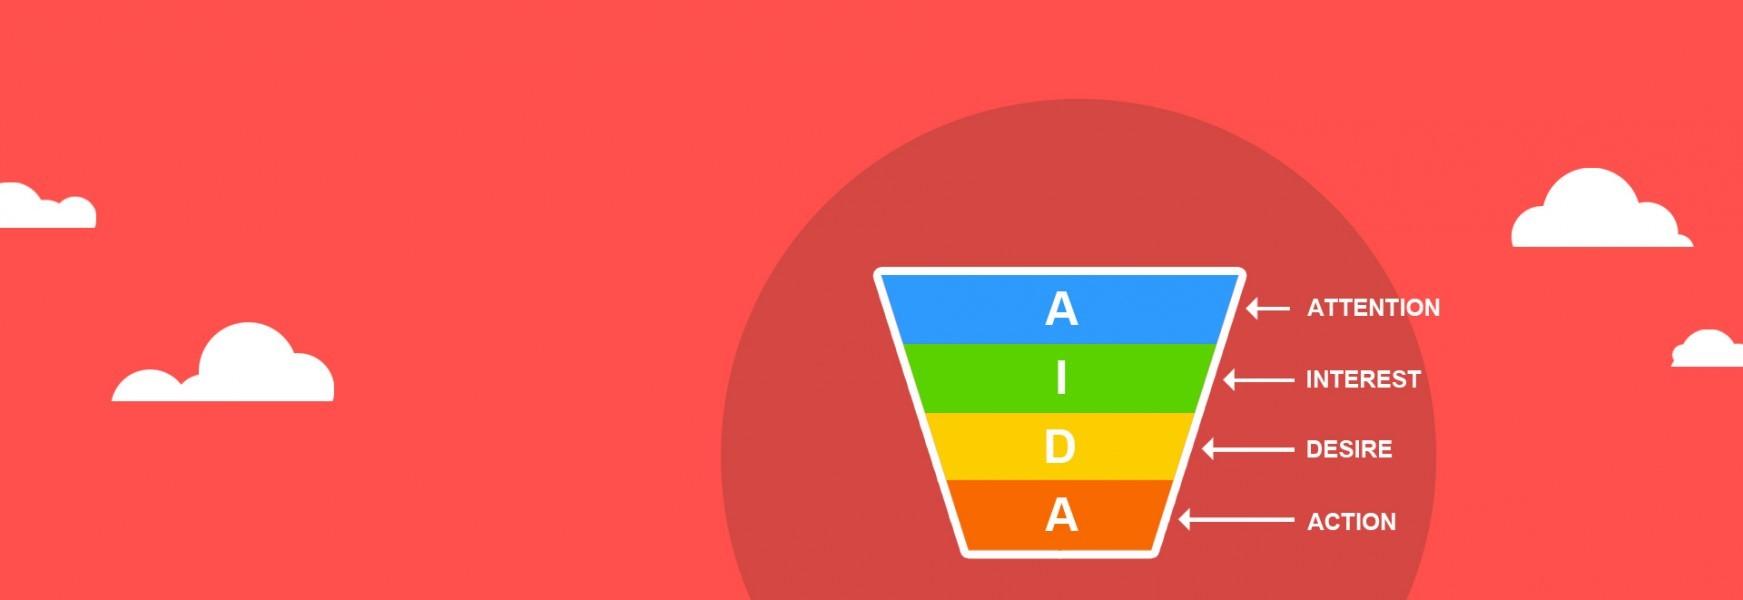 Tekhnika_AIDA_Pageway.jpg